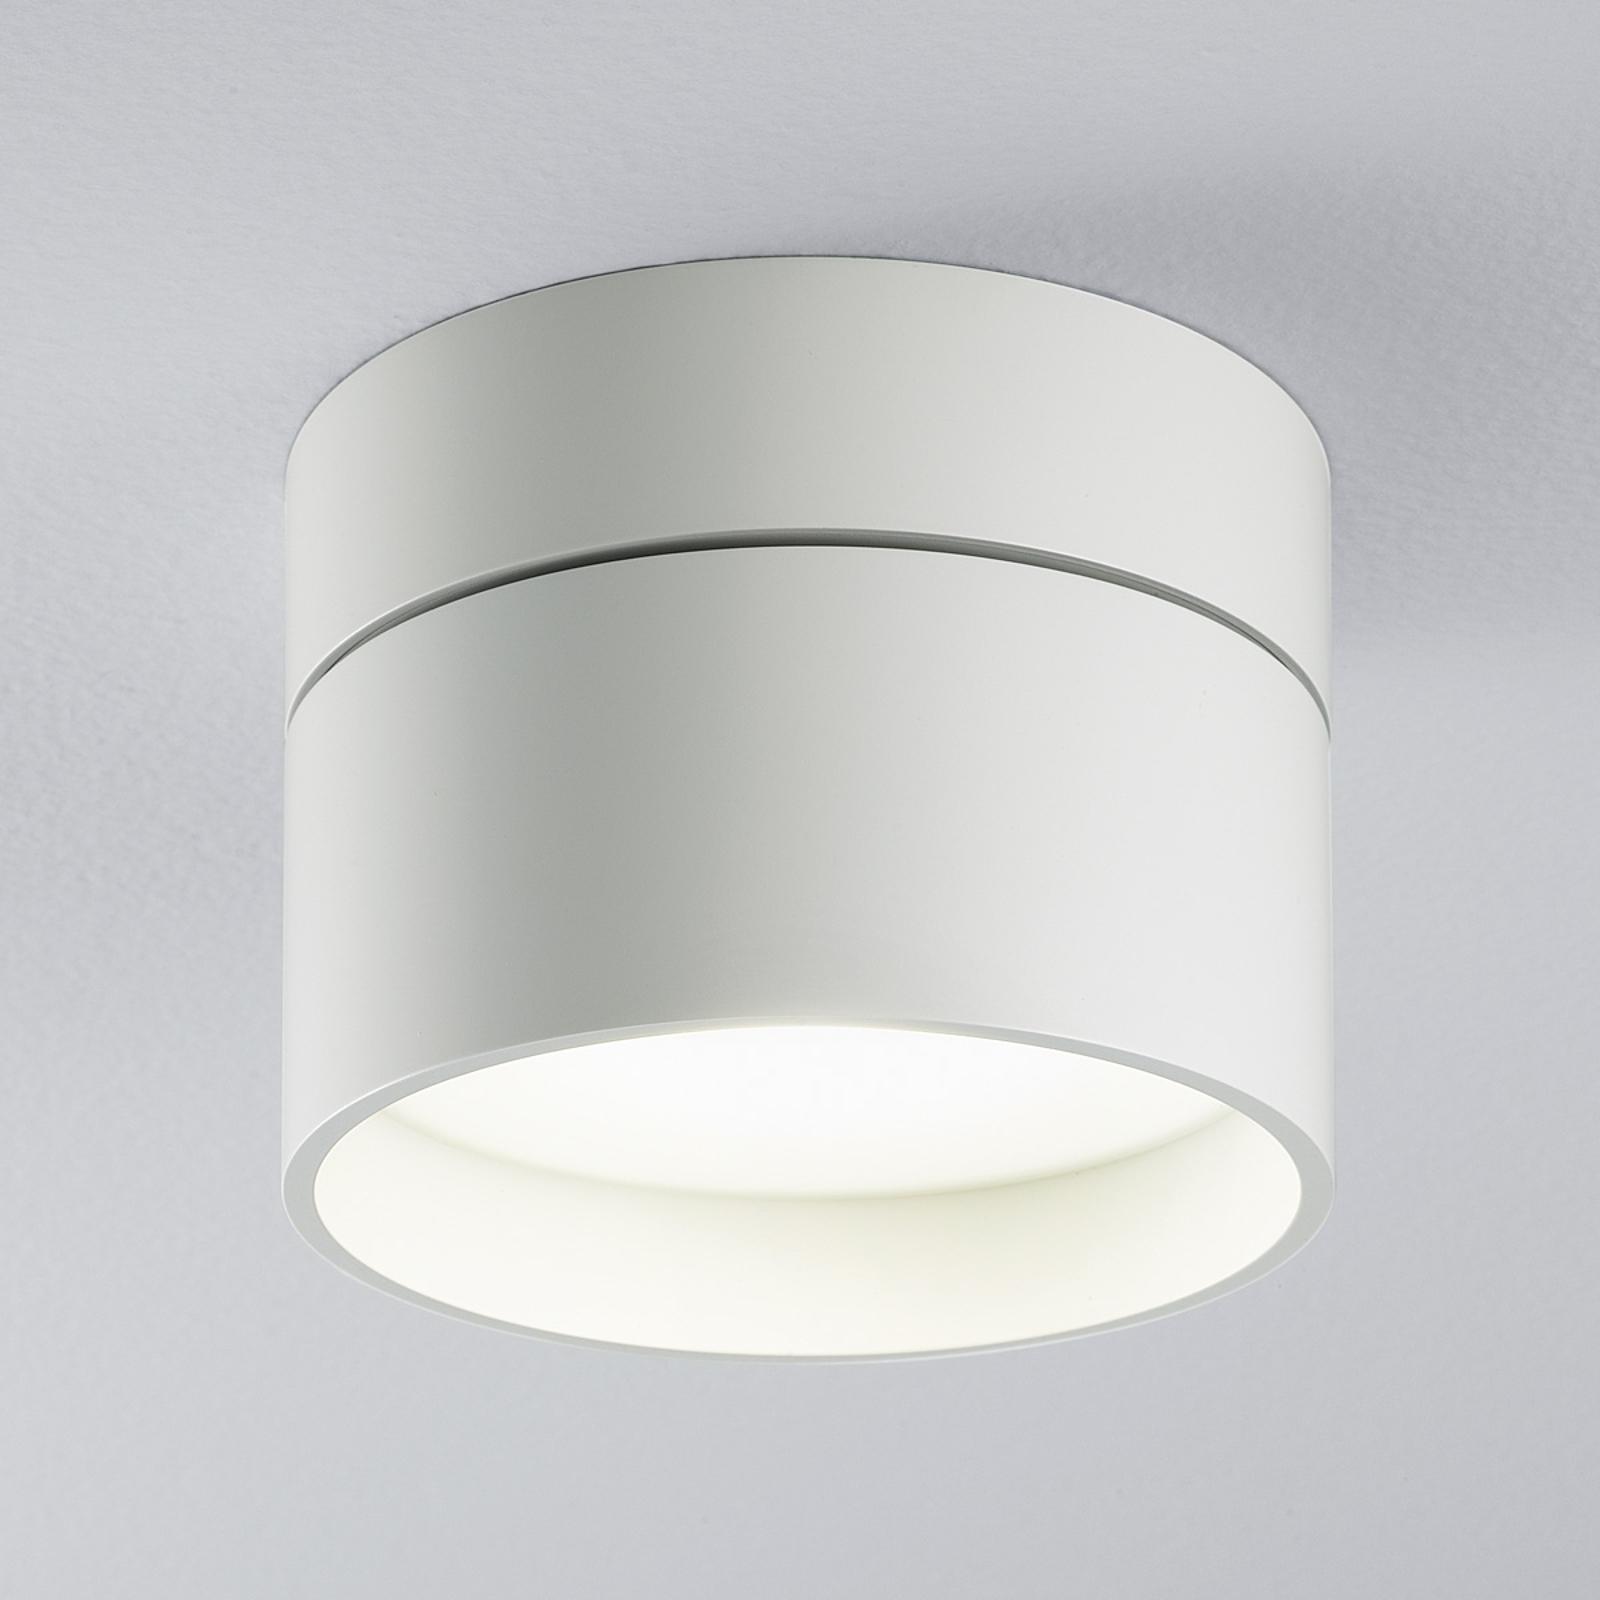 LED-Deckenleuchte Piper, 15 cm